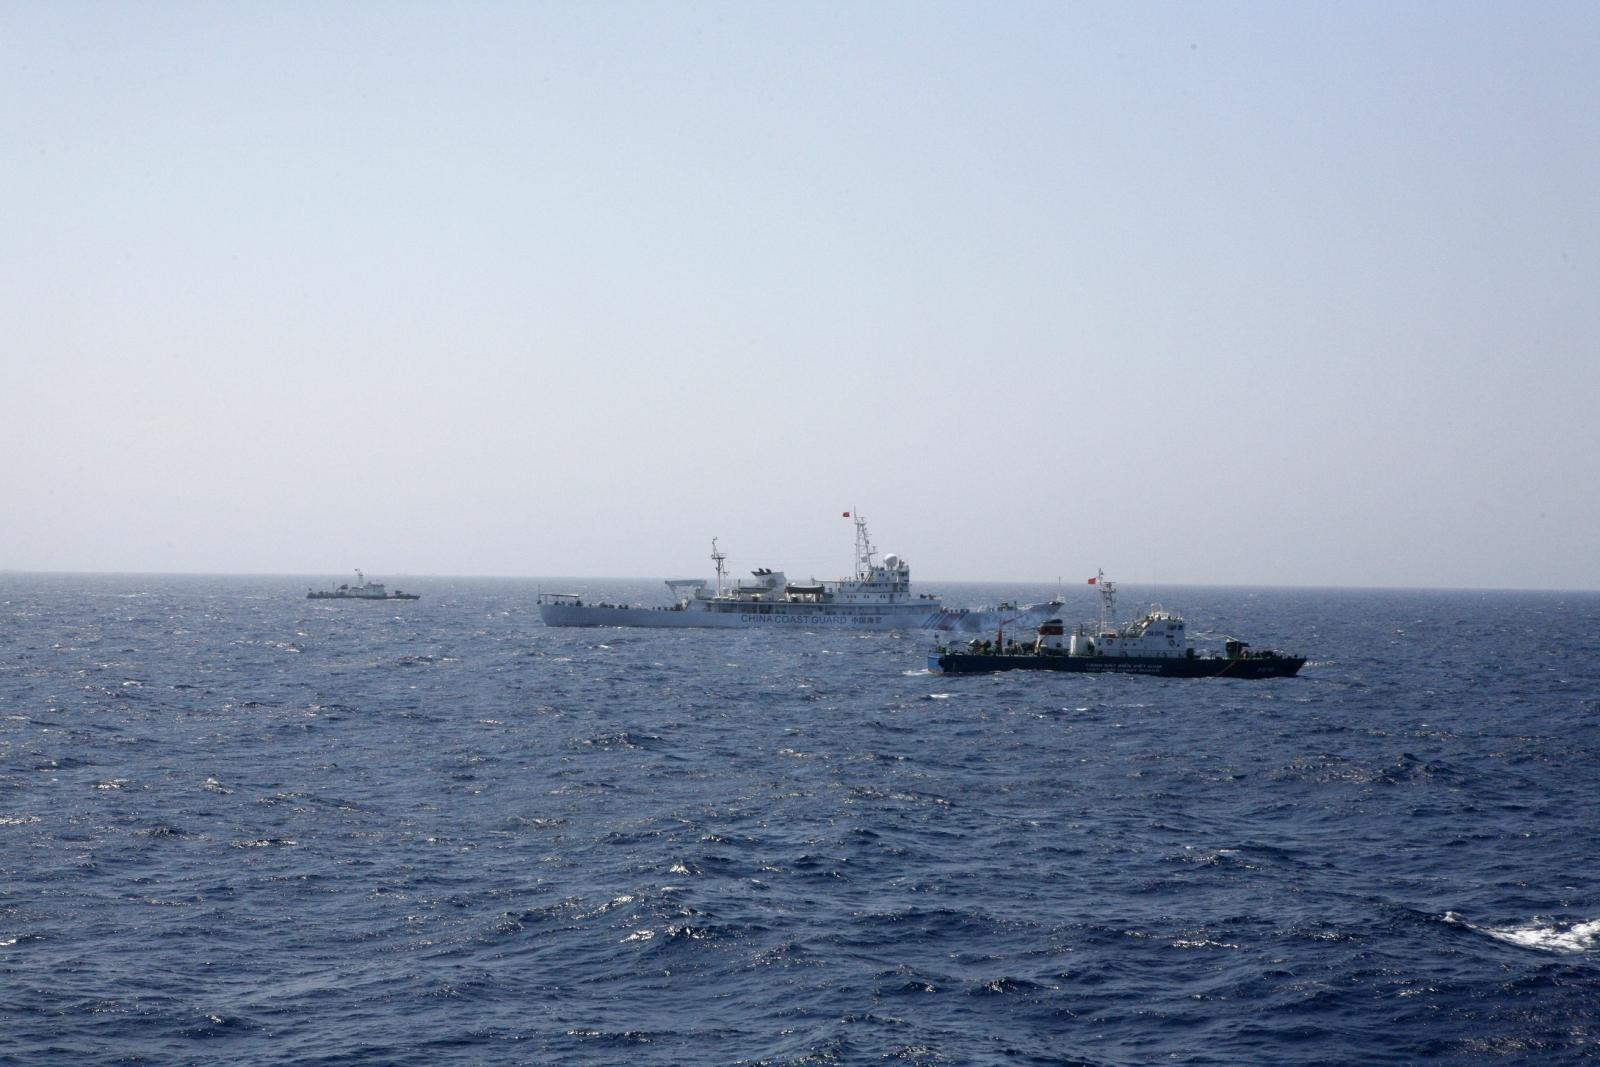 Vietnamese oil tanker goes missing